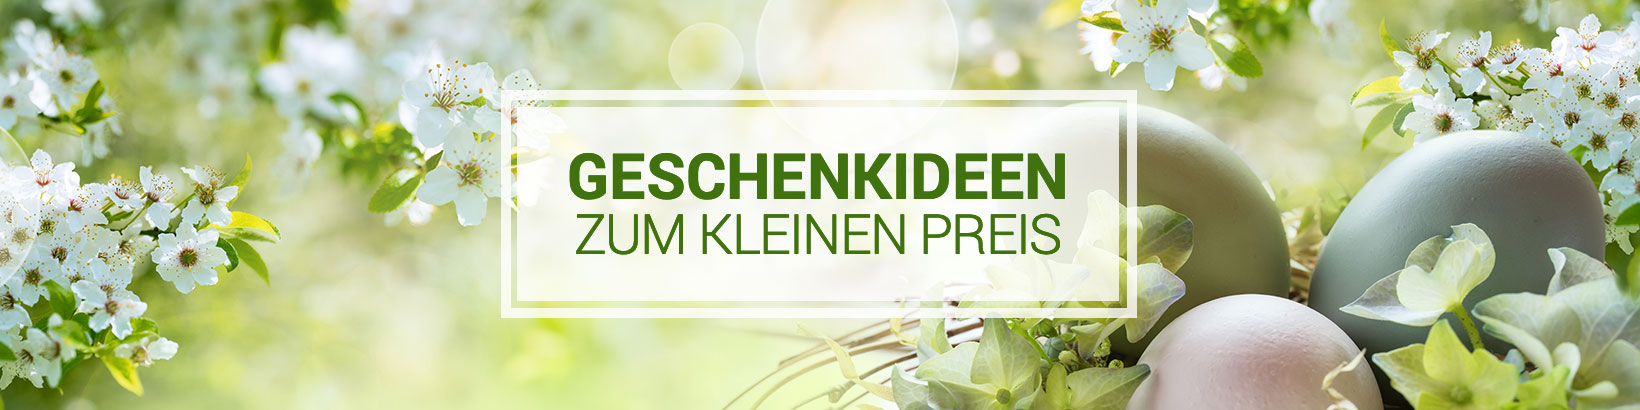 Visual-1640x410-Ostern-Kleiner-Preis